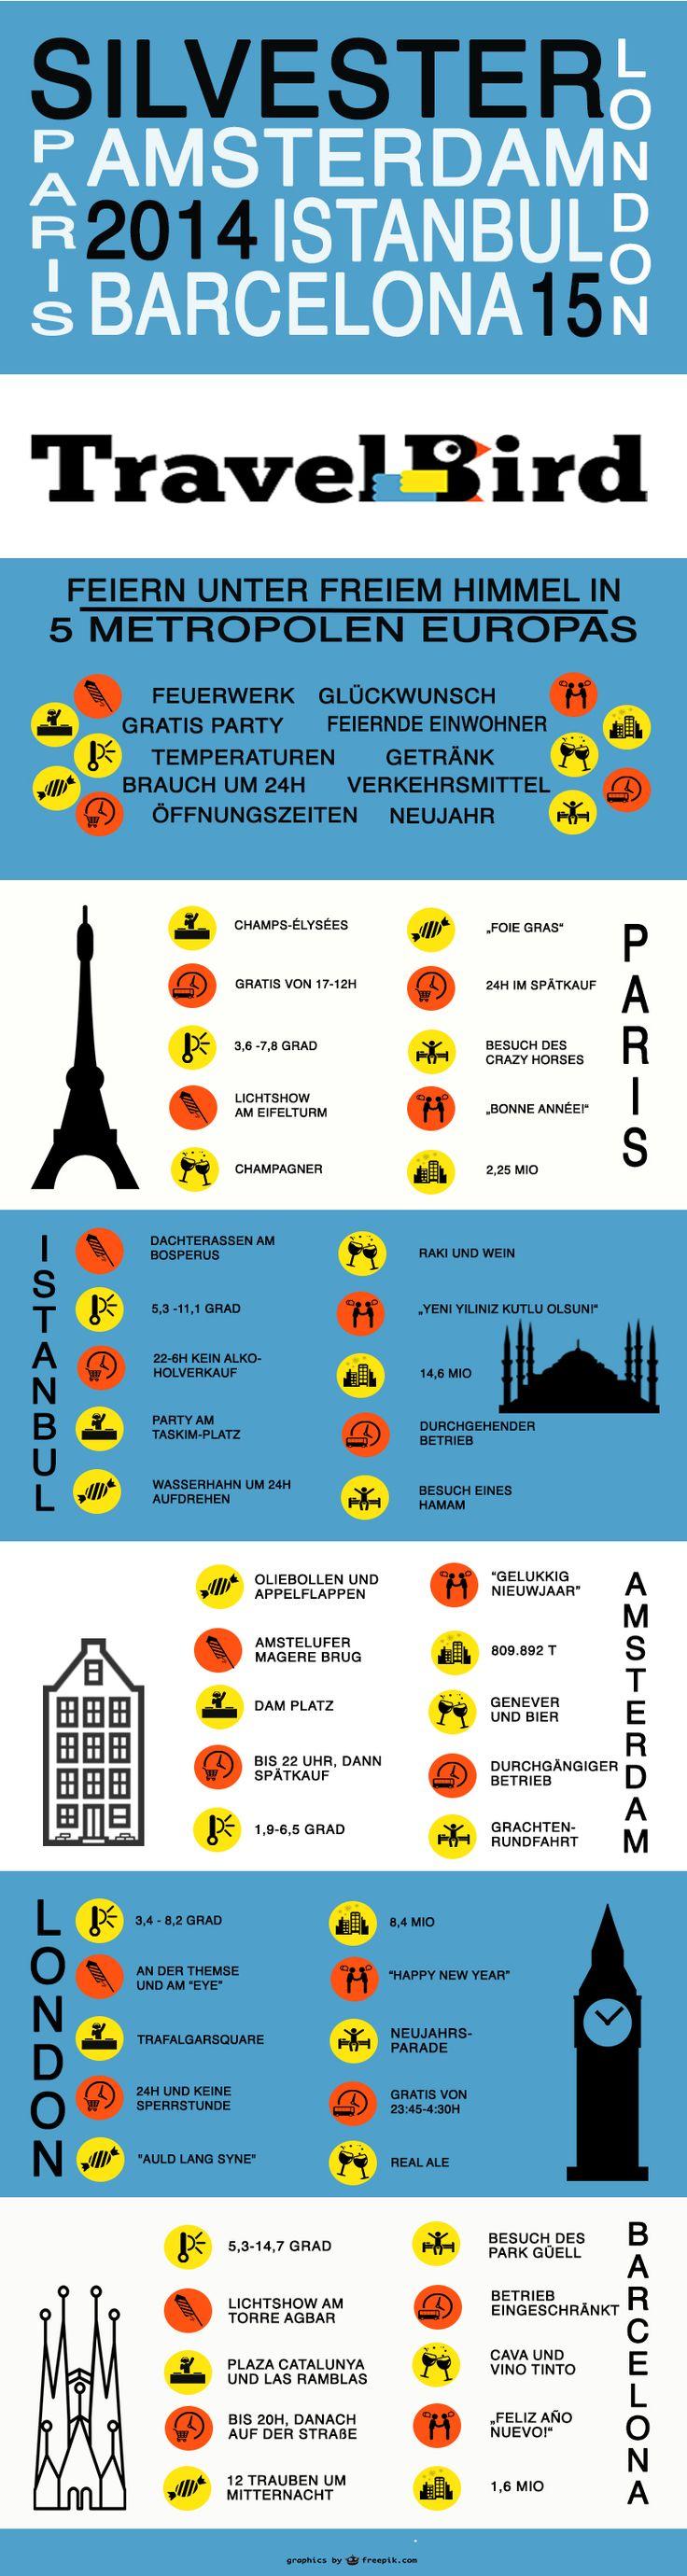 Silvester unter freiem Himmel - Die besten Tipps für Silvester in den europäischen Metropolen London, Paris, Barcelona, Amsterdam und Instabul